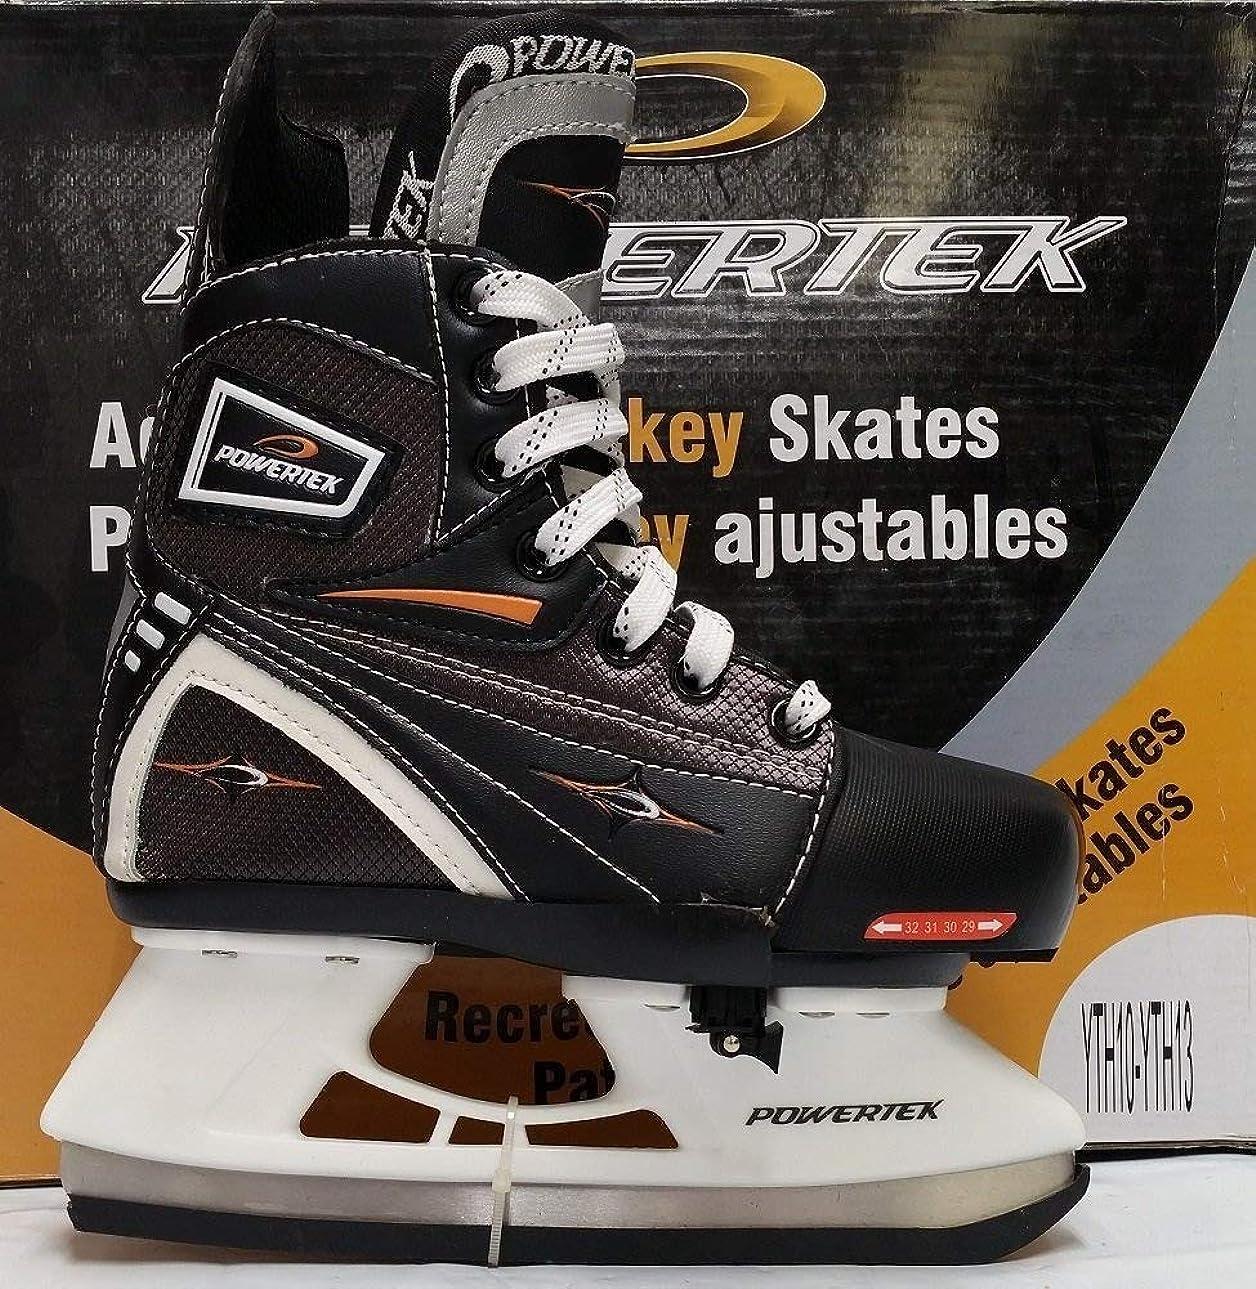 テスト蒸留トリプルPowertek V3.0 Tek Adjustable Hockey Skate YTH10-YTH13